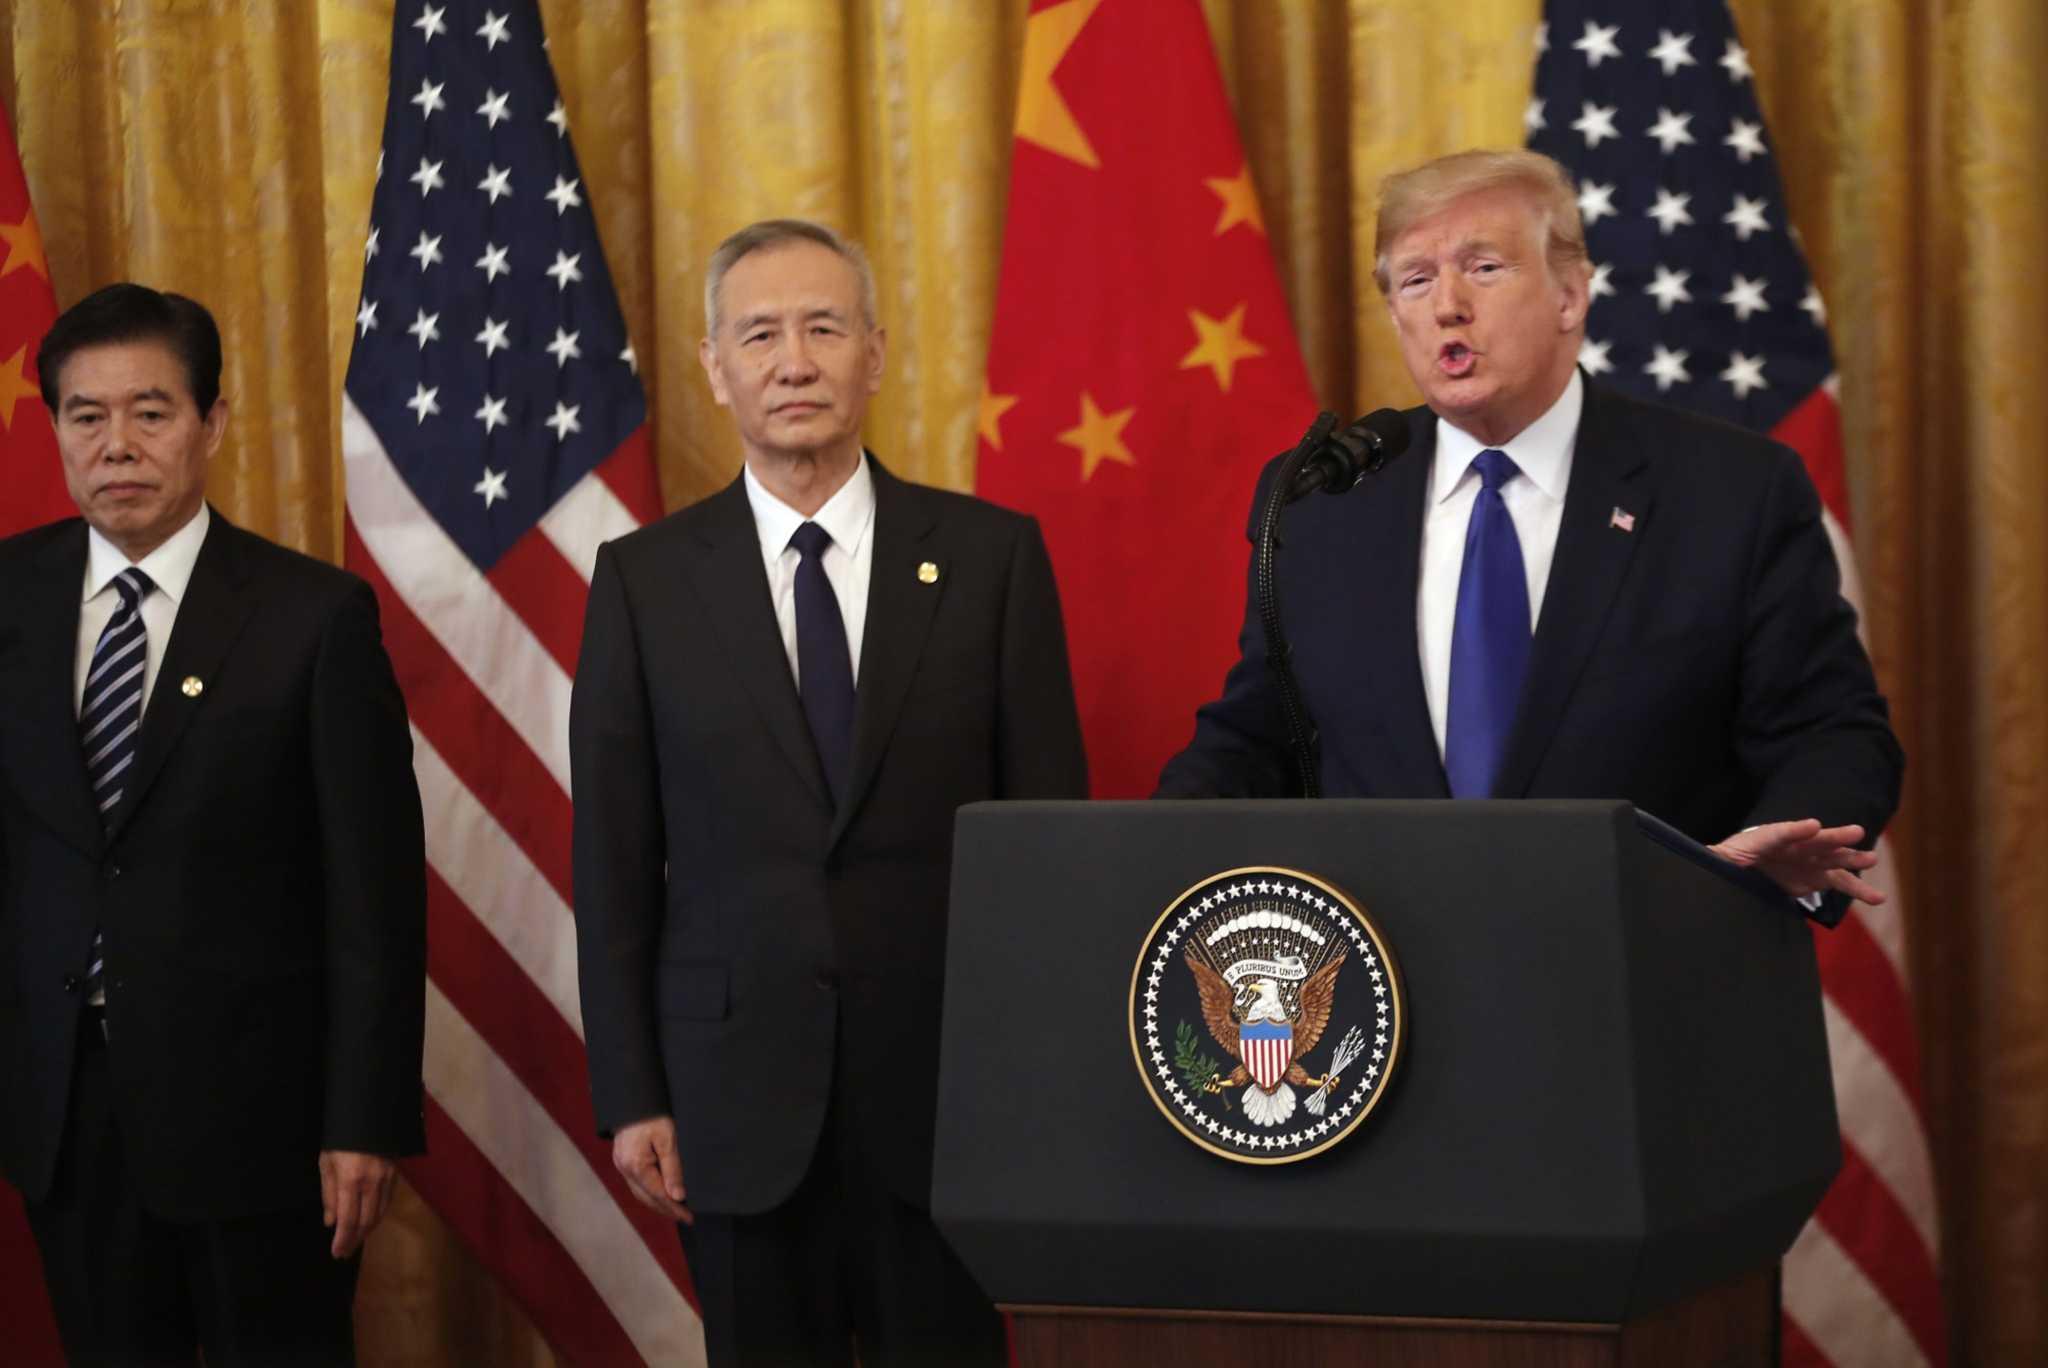 Mỹ - Trung chính thức ký thoả thuận thương mại giai đoạn 1